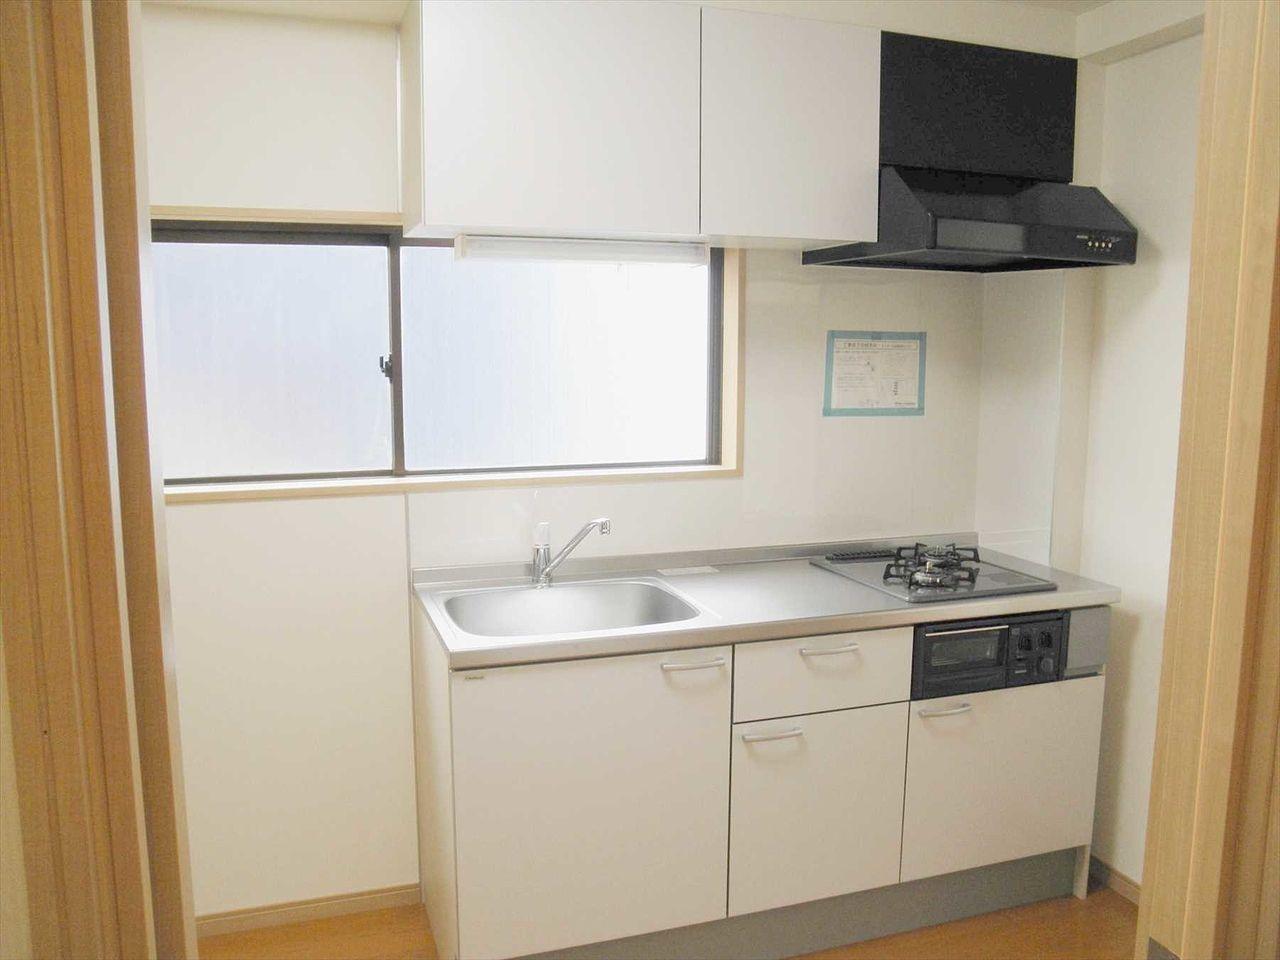 2012年に新規に交換したシステムキッチンです。窓があり換気バッチリ、匂いがこもりません